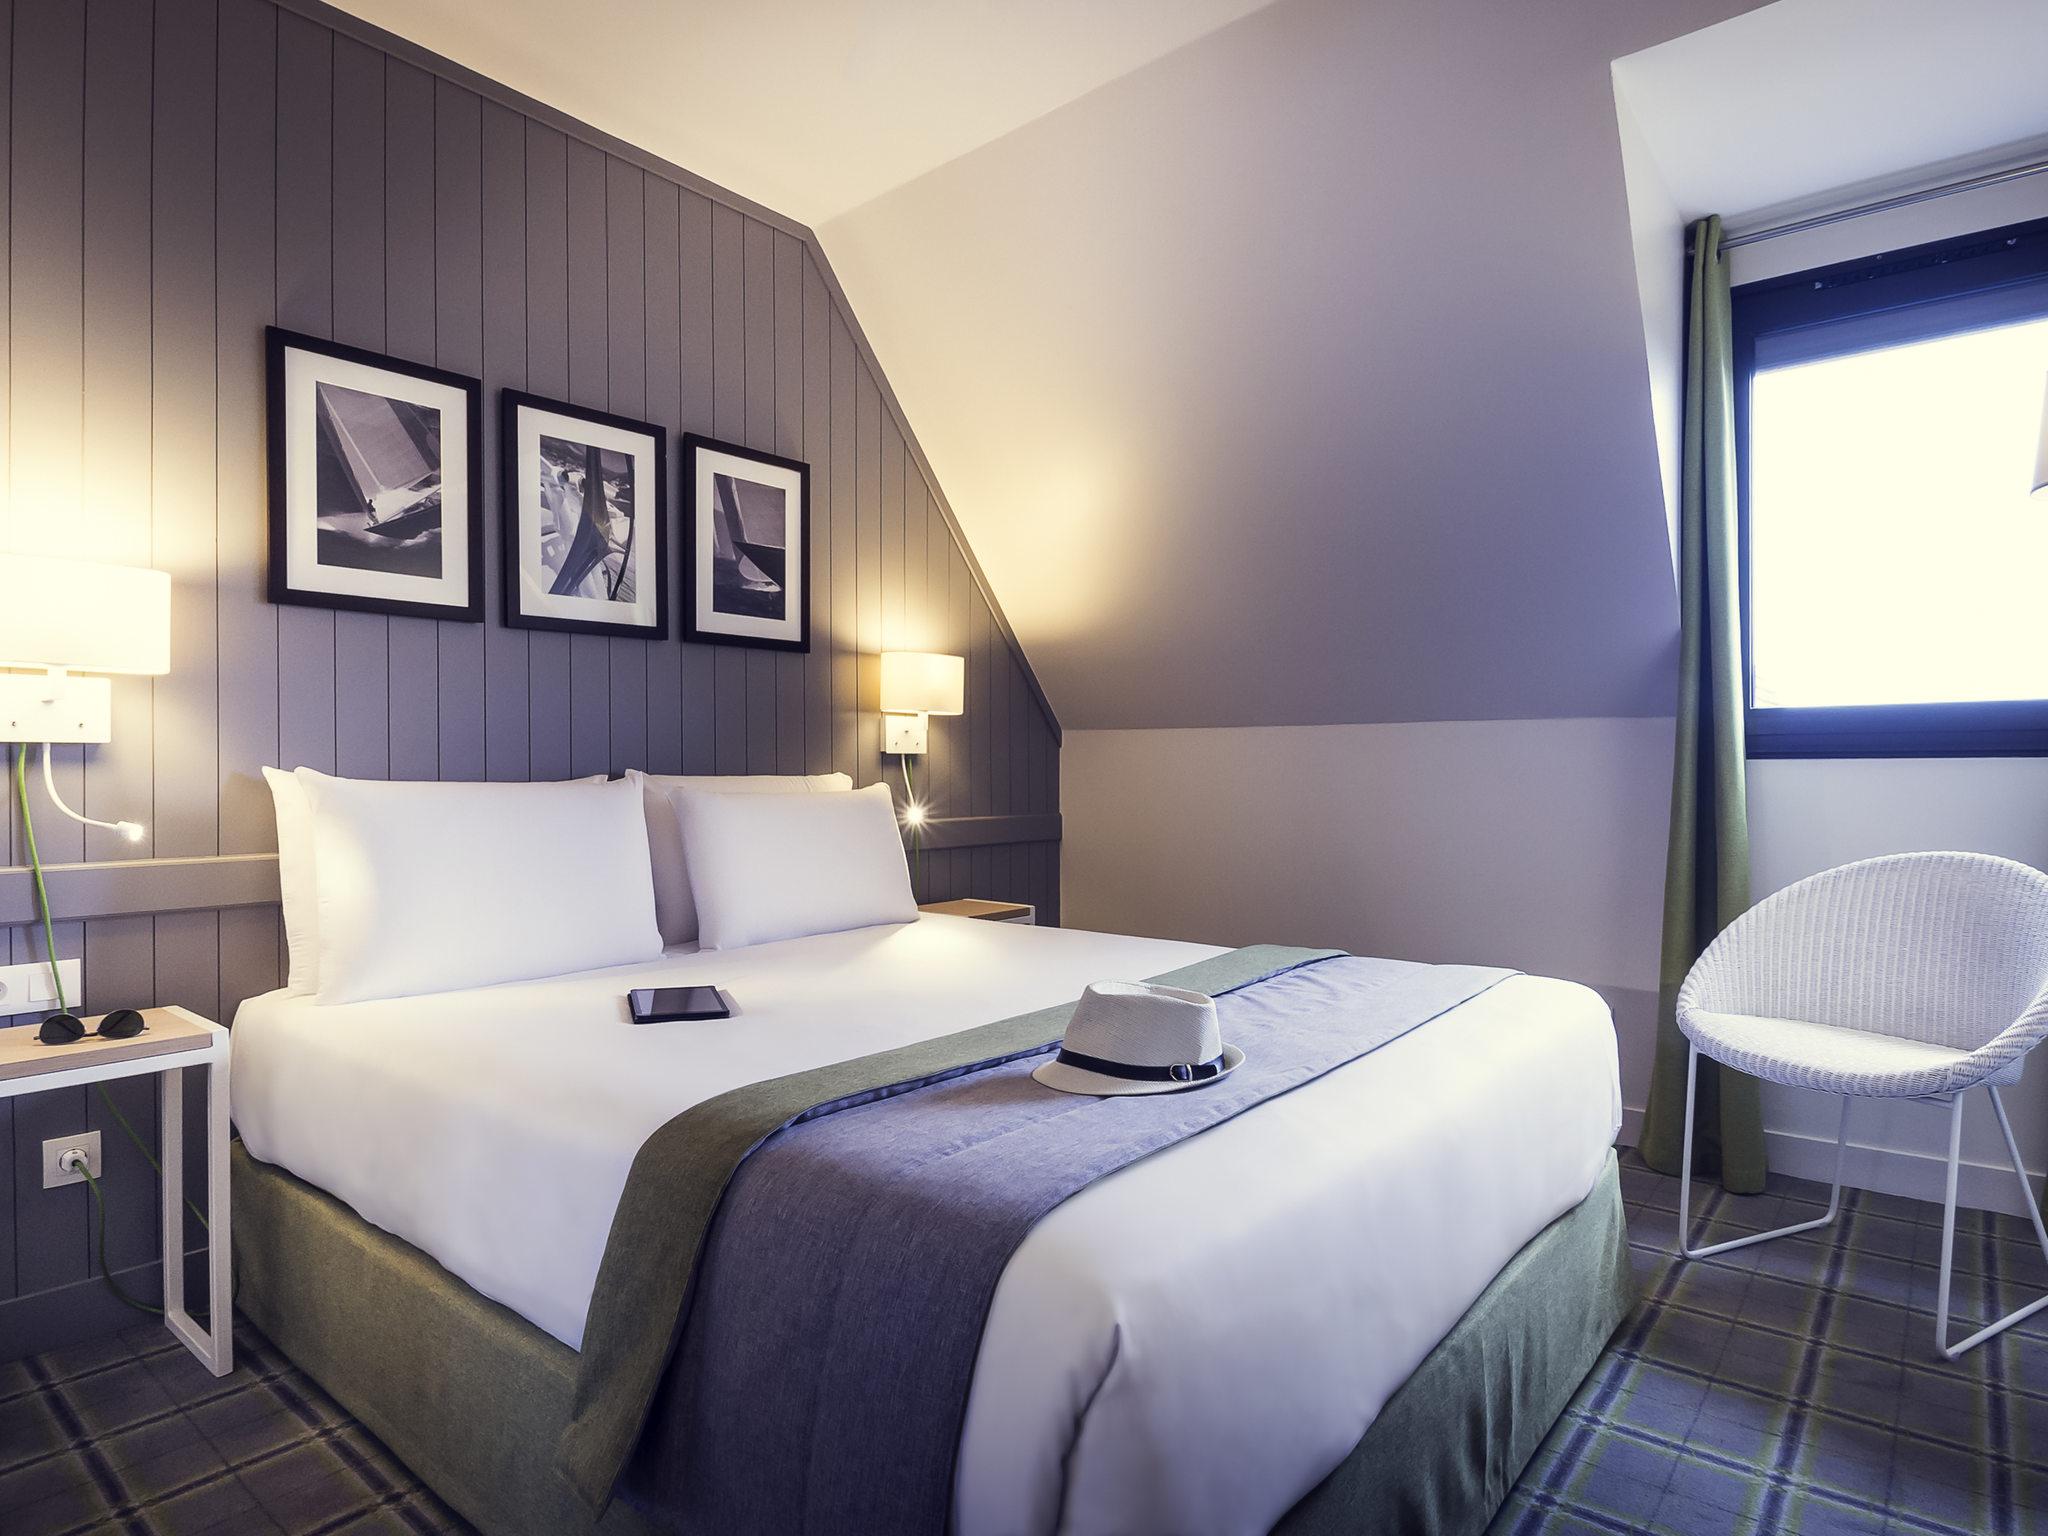 Hotel – Hôtel Mercure Deauville Centre